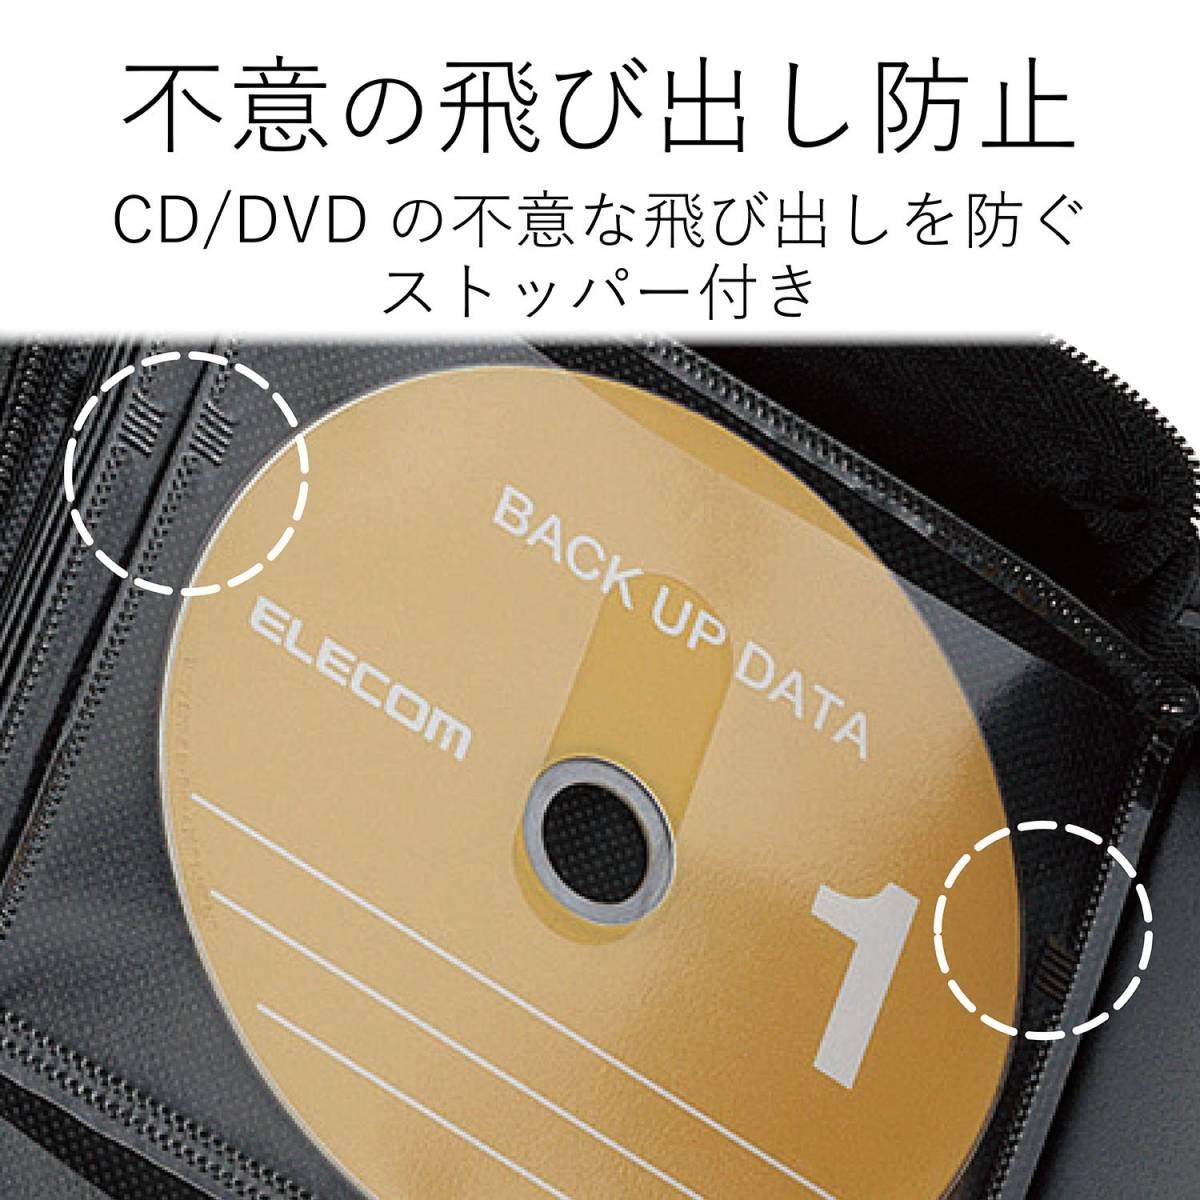 エレコム DVD CDケース ファスナー付 96枚収納_画像8